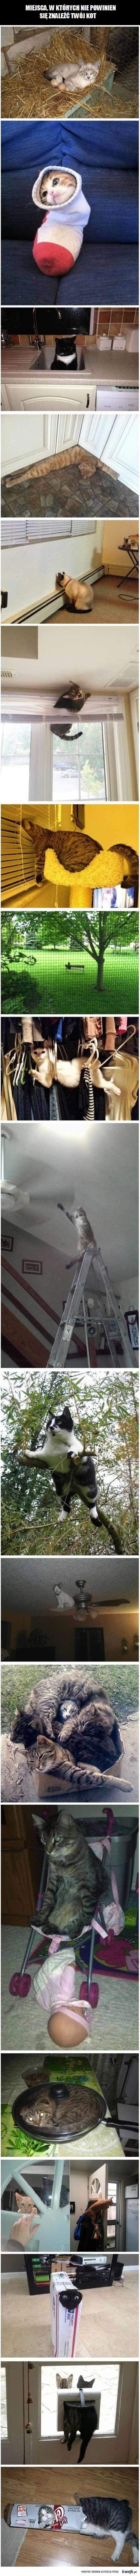 Co te koty? :O